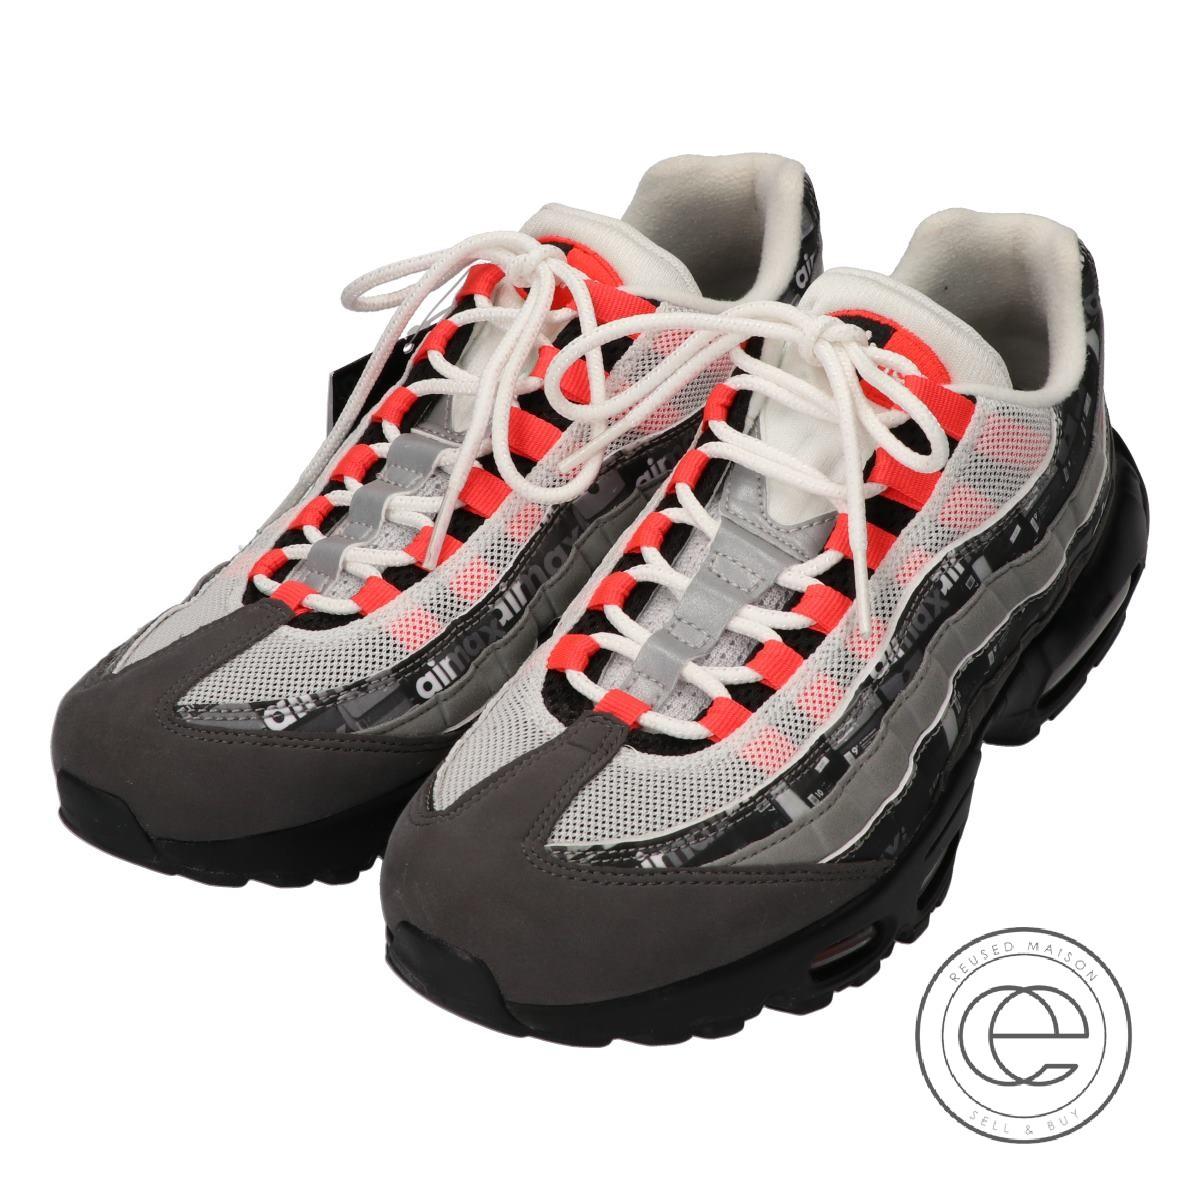 Nike NIKE Air Max 95 sneakers men AIR MAX 95 PRNT WE LOVE NIKE gray AQ0925 002